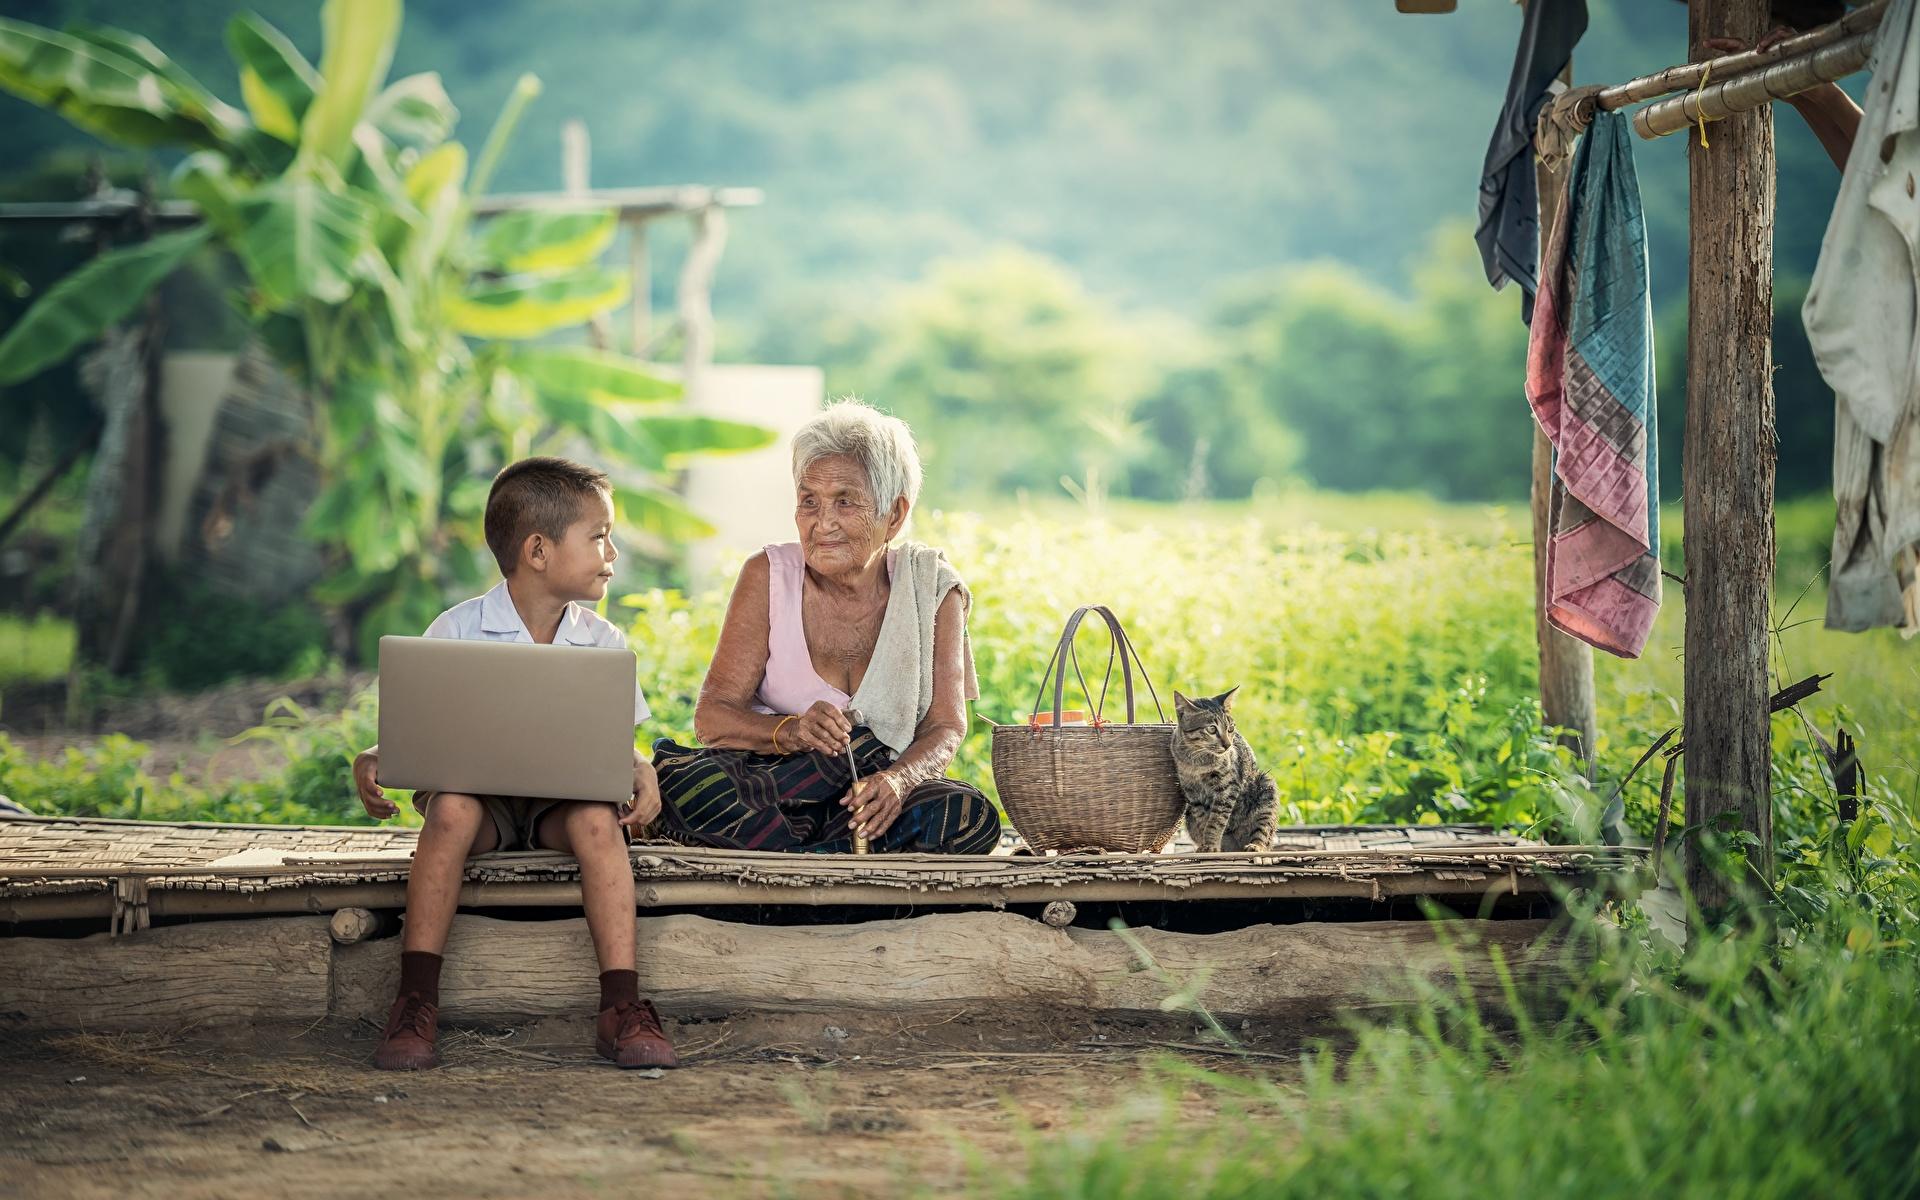 Fotos von Notebook Junge Katze Alte Frau Kinder Weidenkorb Asiatische Gras Sitzend 1920x1200